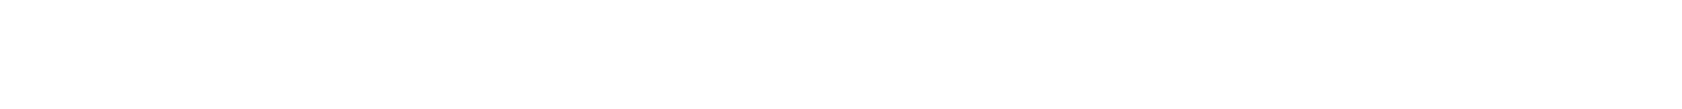 """""""#岩国エール飯""""をつけてSNSに投稿しよう。"""